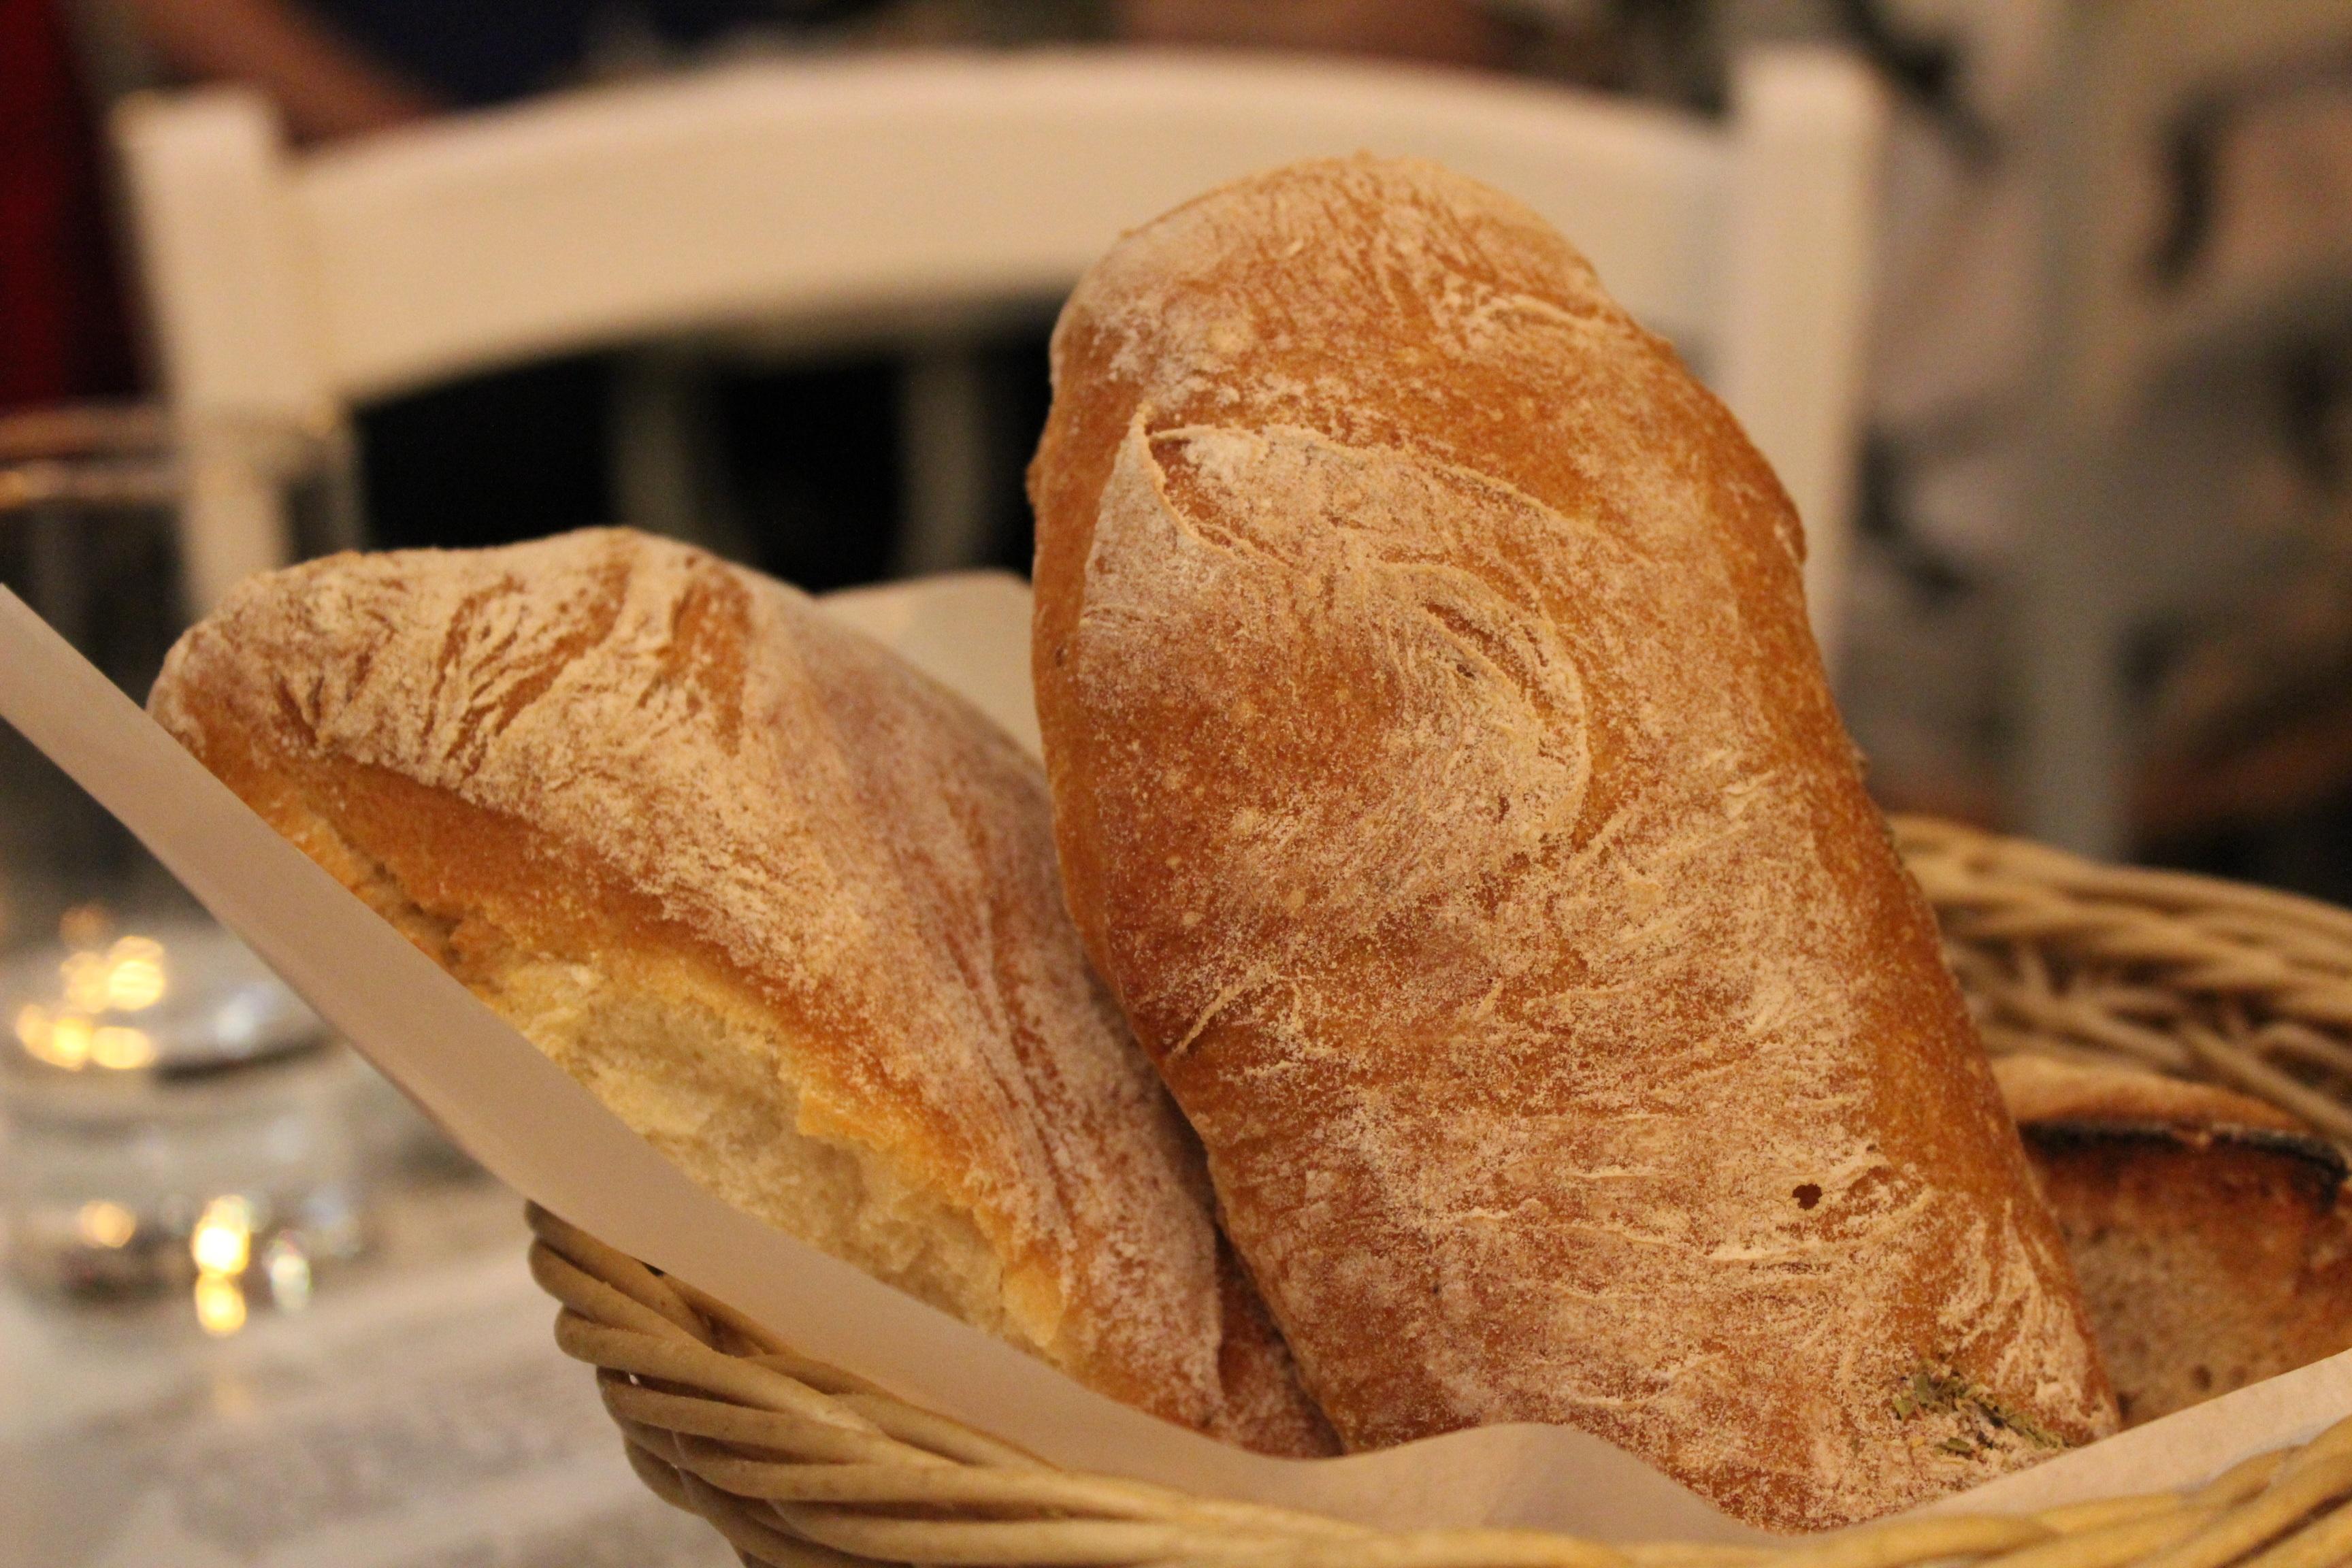 Fotos gratis : plato, griego, Mediterráneo, desayuno, horneando ...